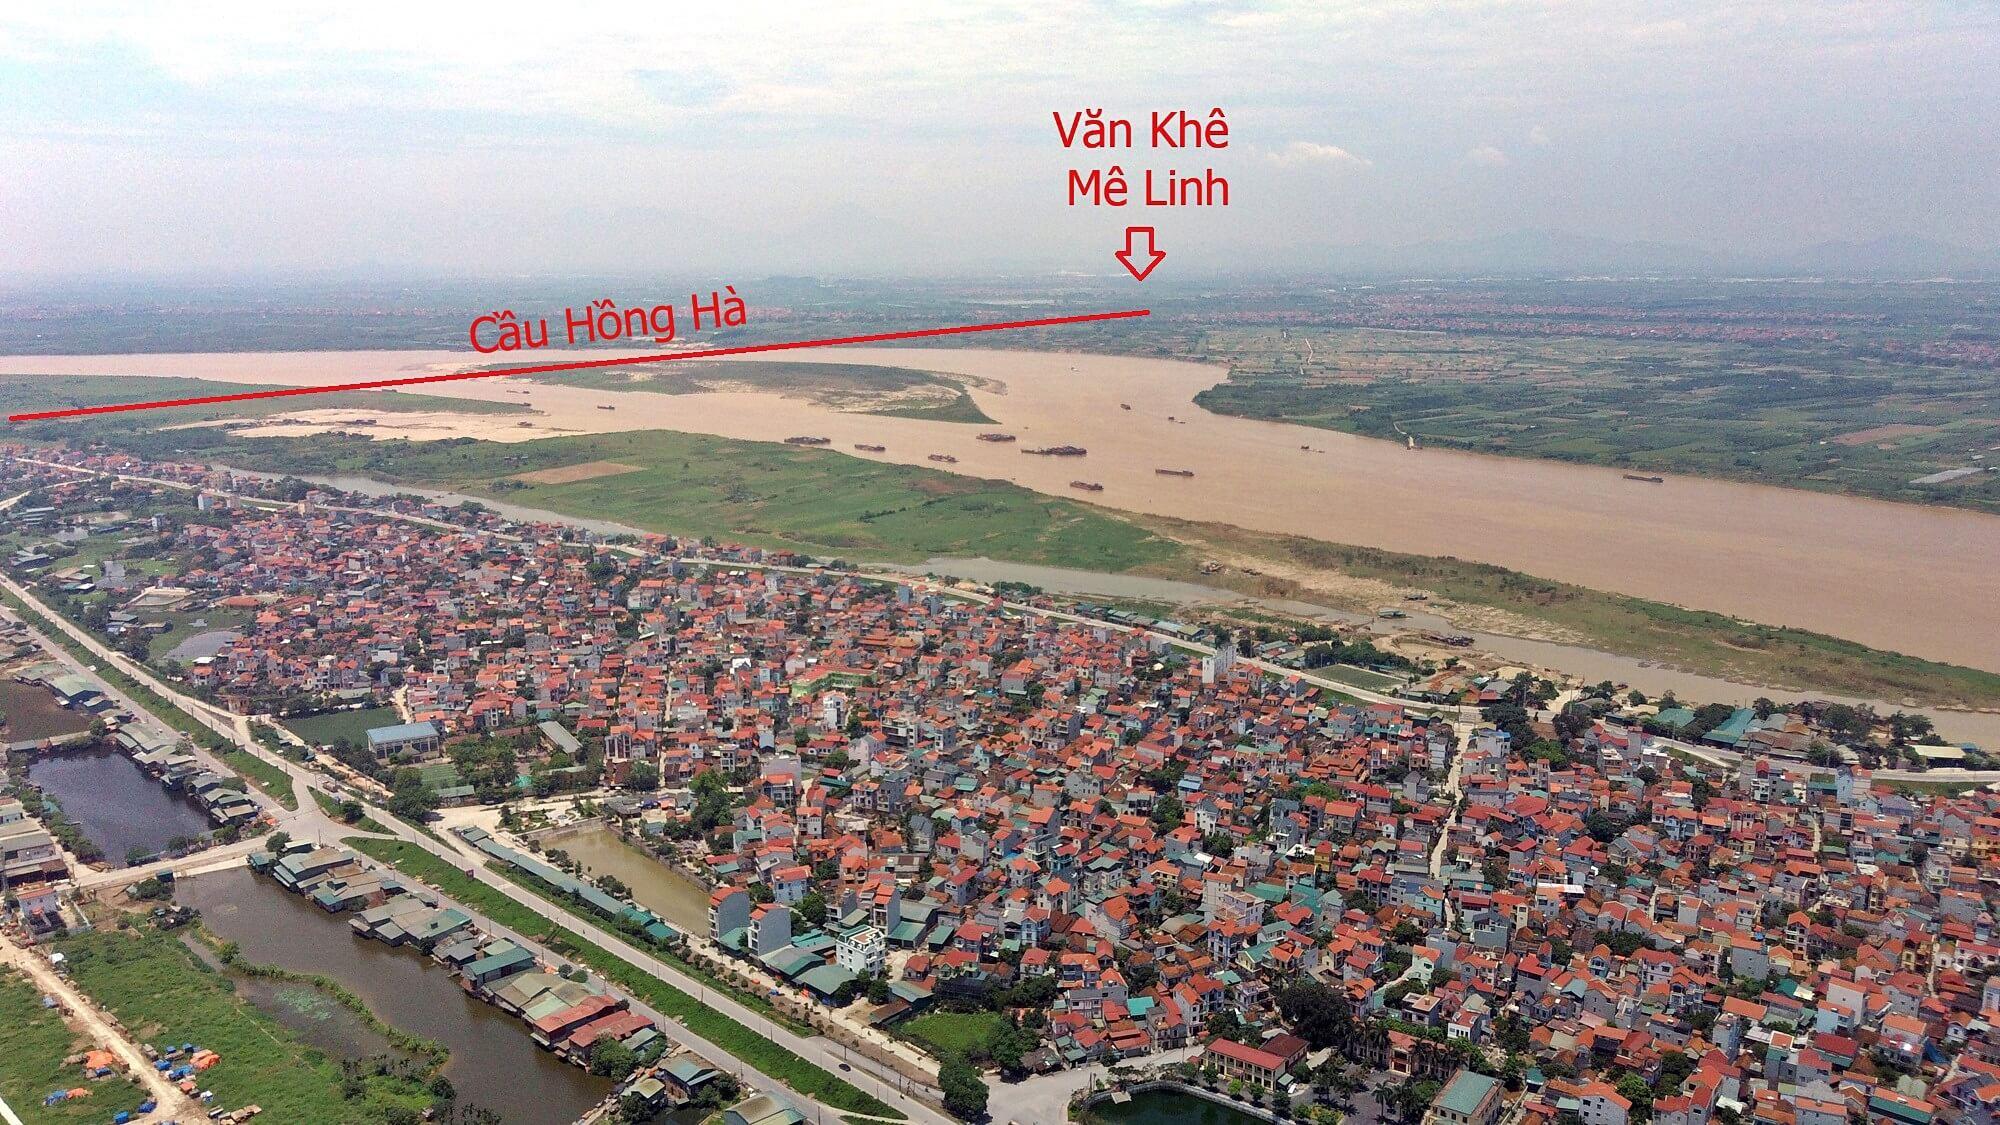 Phíc Bắc cầu nằm trên địa bàn xã Văn Khê, huyện Mê Linh.